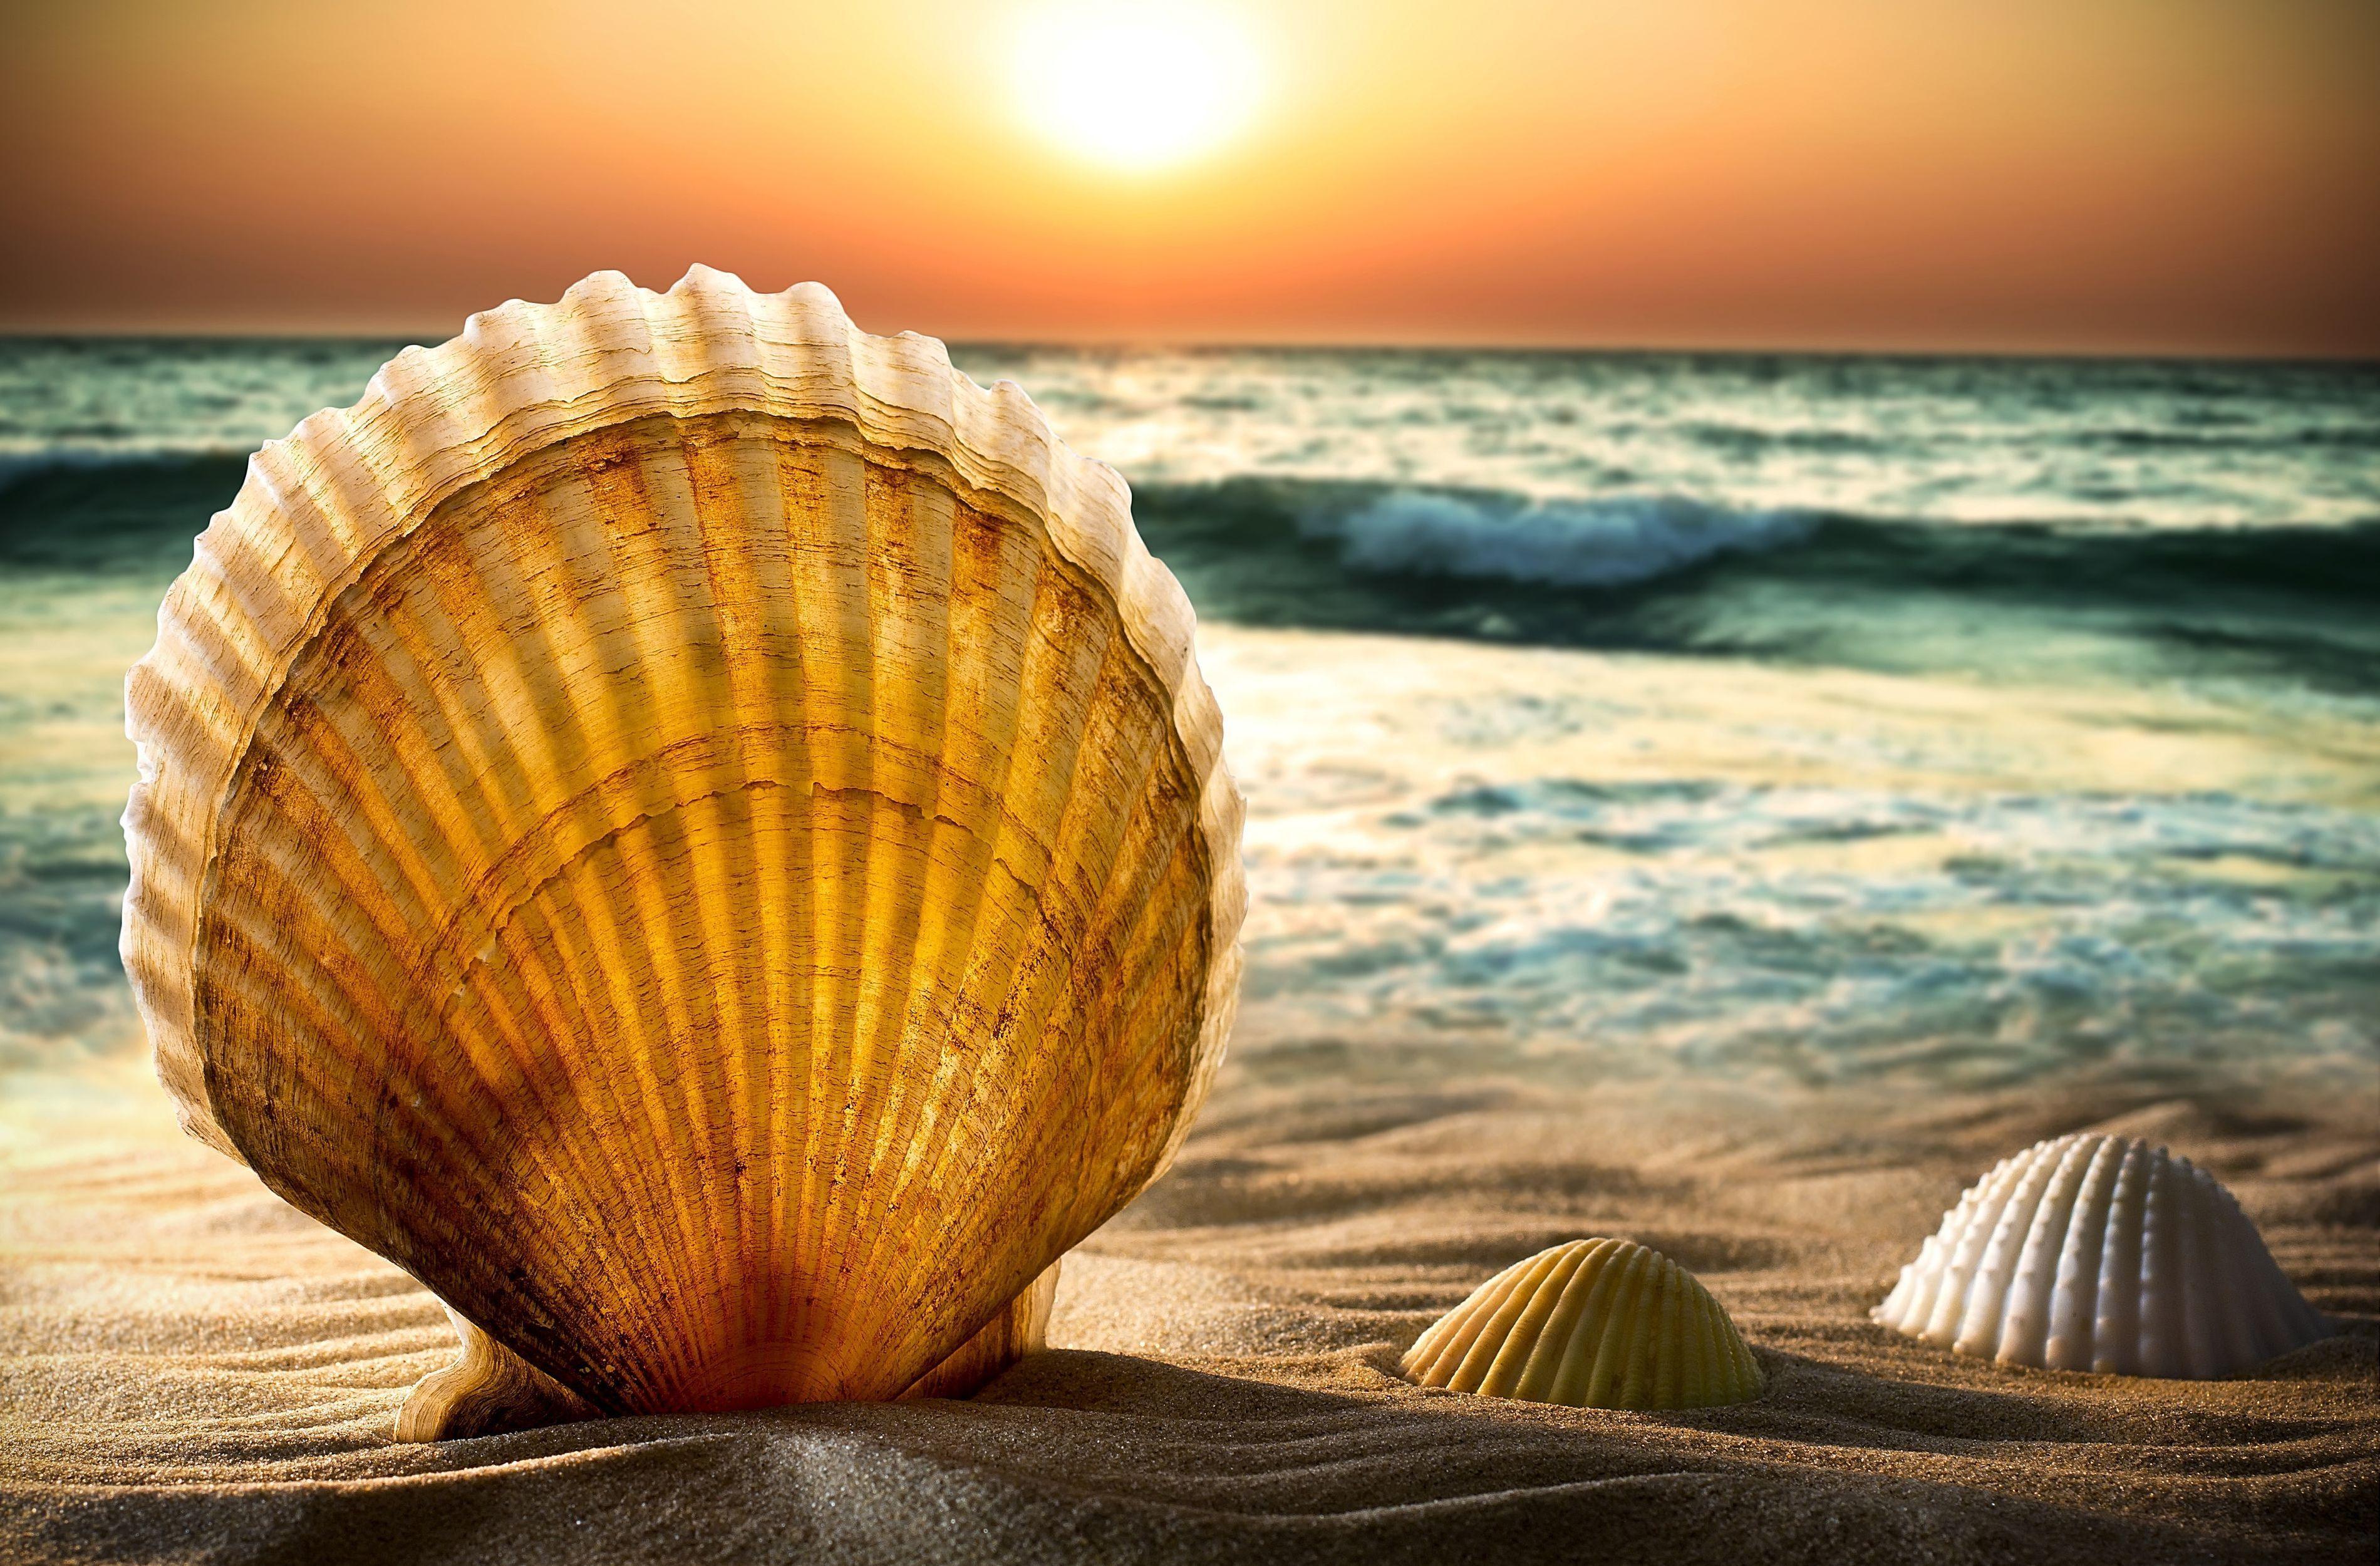 природа ракушка песок nature shell sand  № 1246835 бесплатно